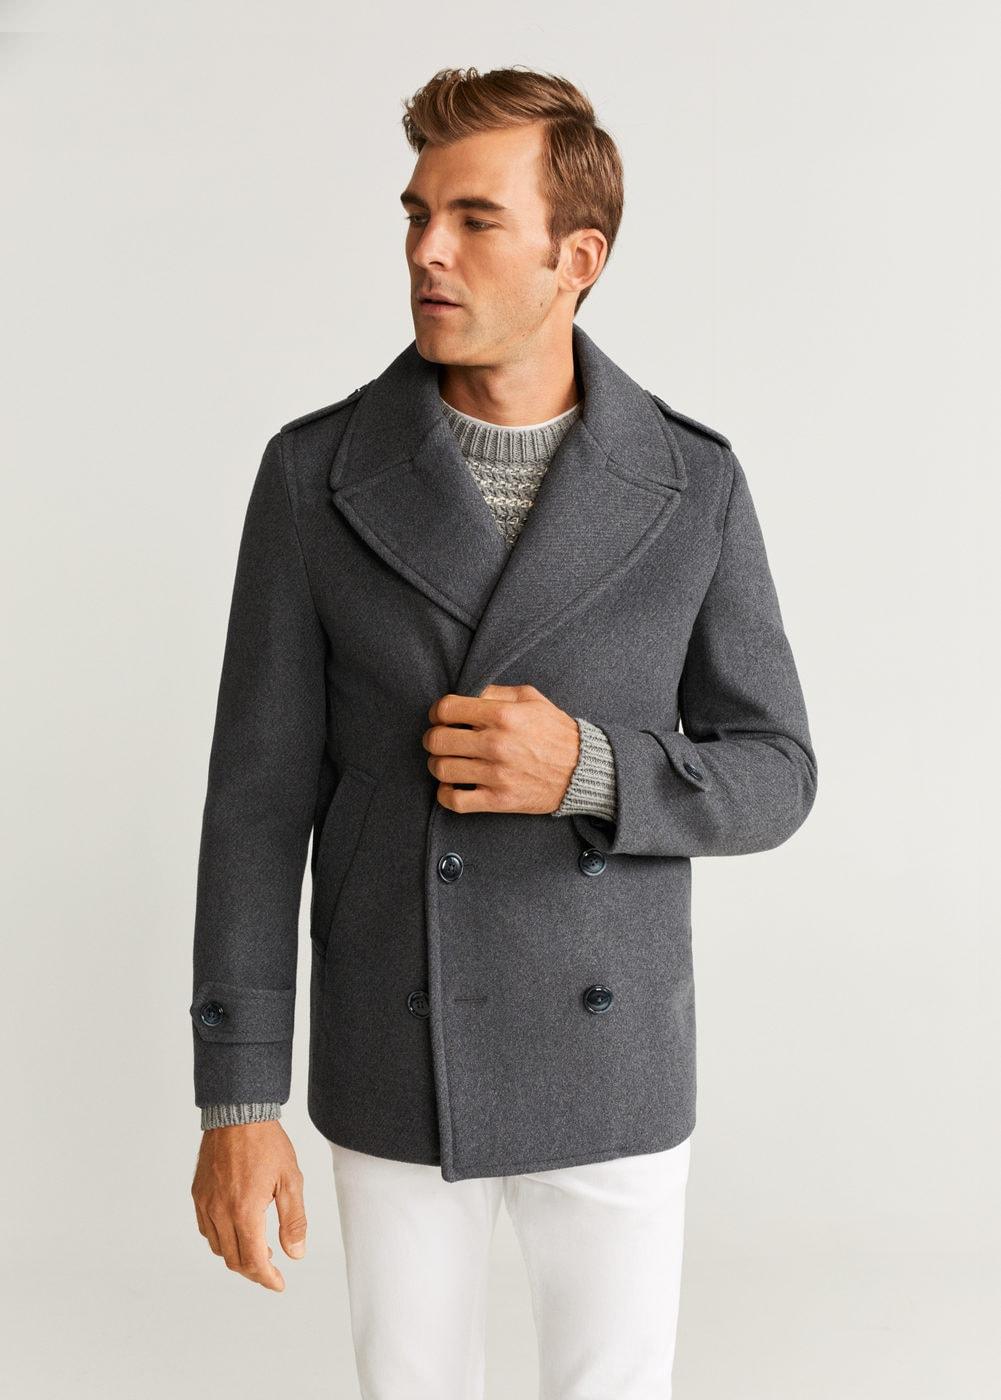 Sélection d'articles en promotion - Ex: Manteau Homme en laine à double boutonnage